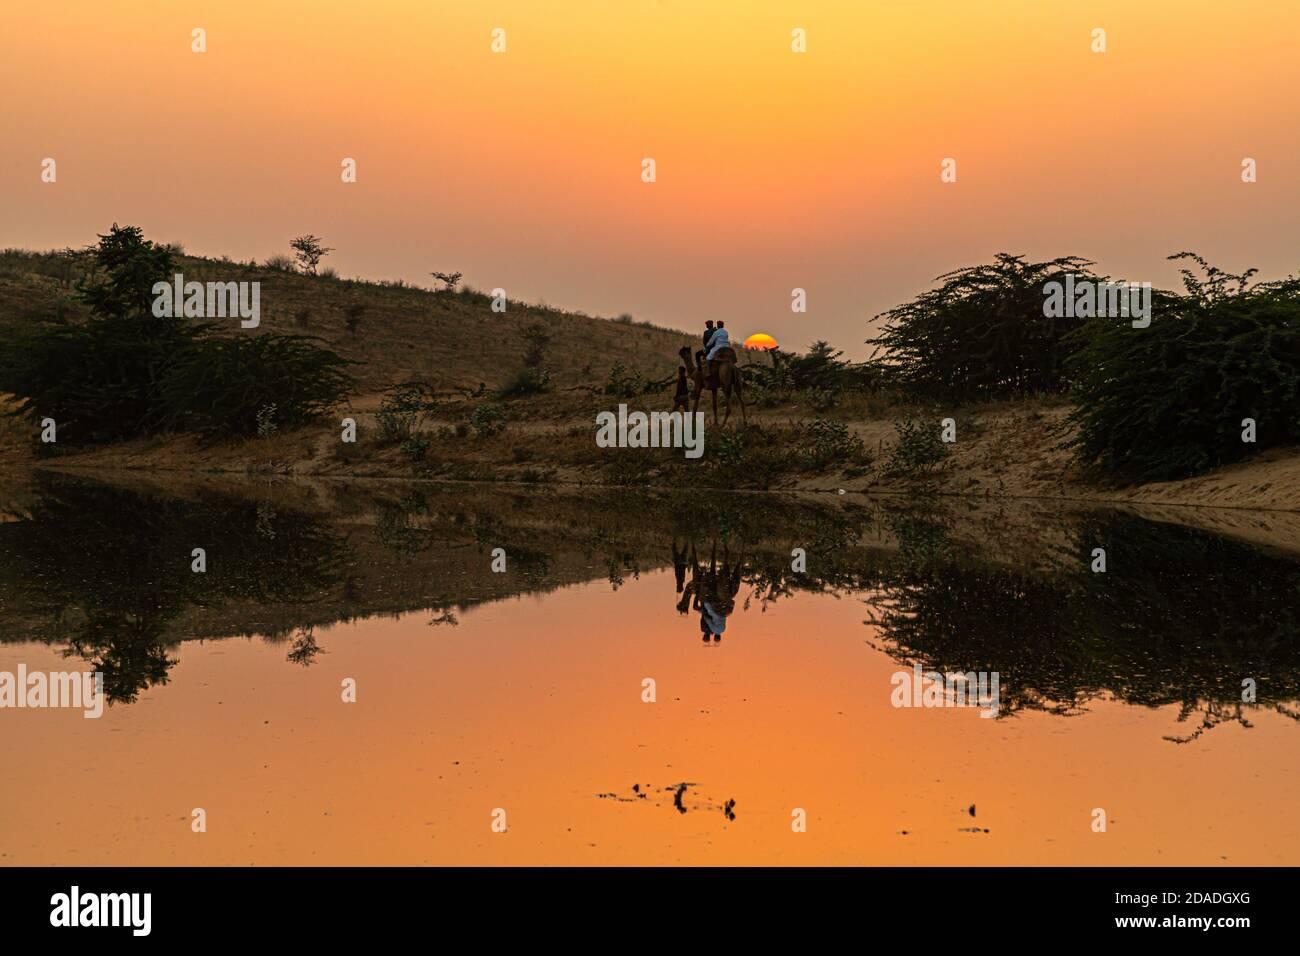 vista de la hermosa puesta de sol y el reflejo de camello en el estanque. Foto de stock